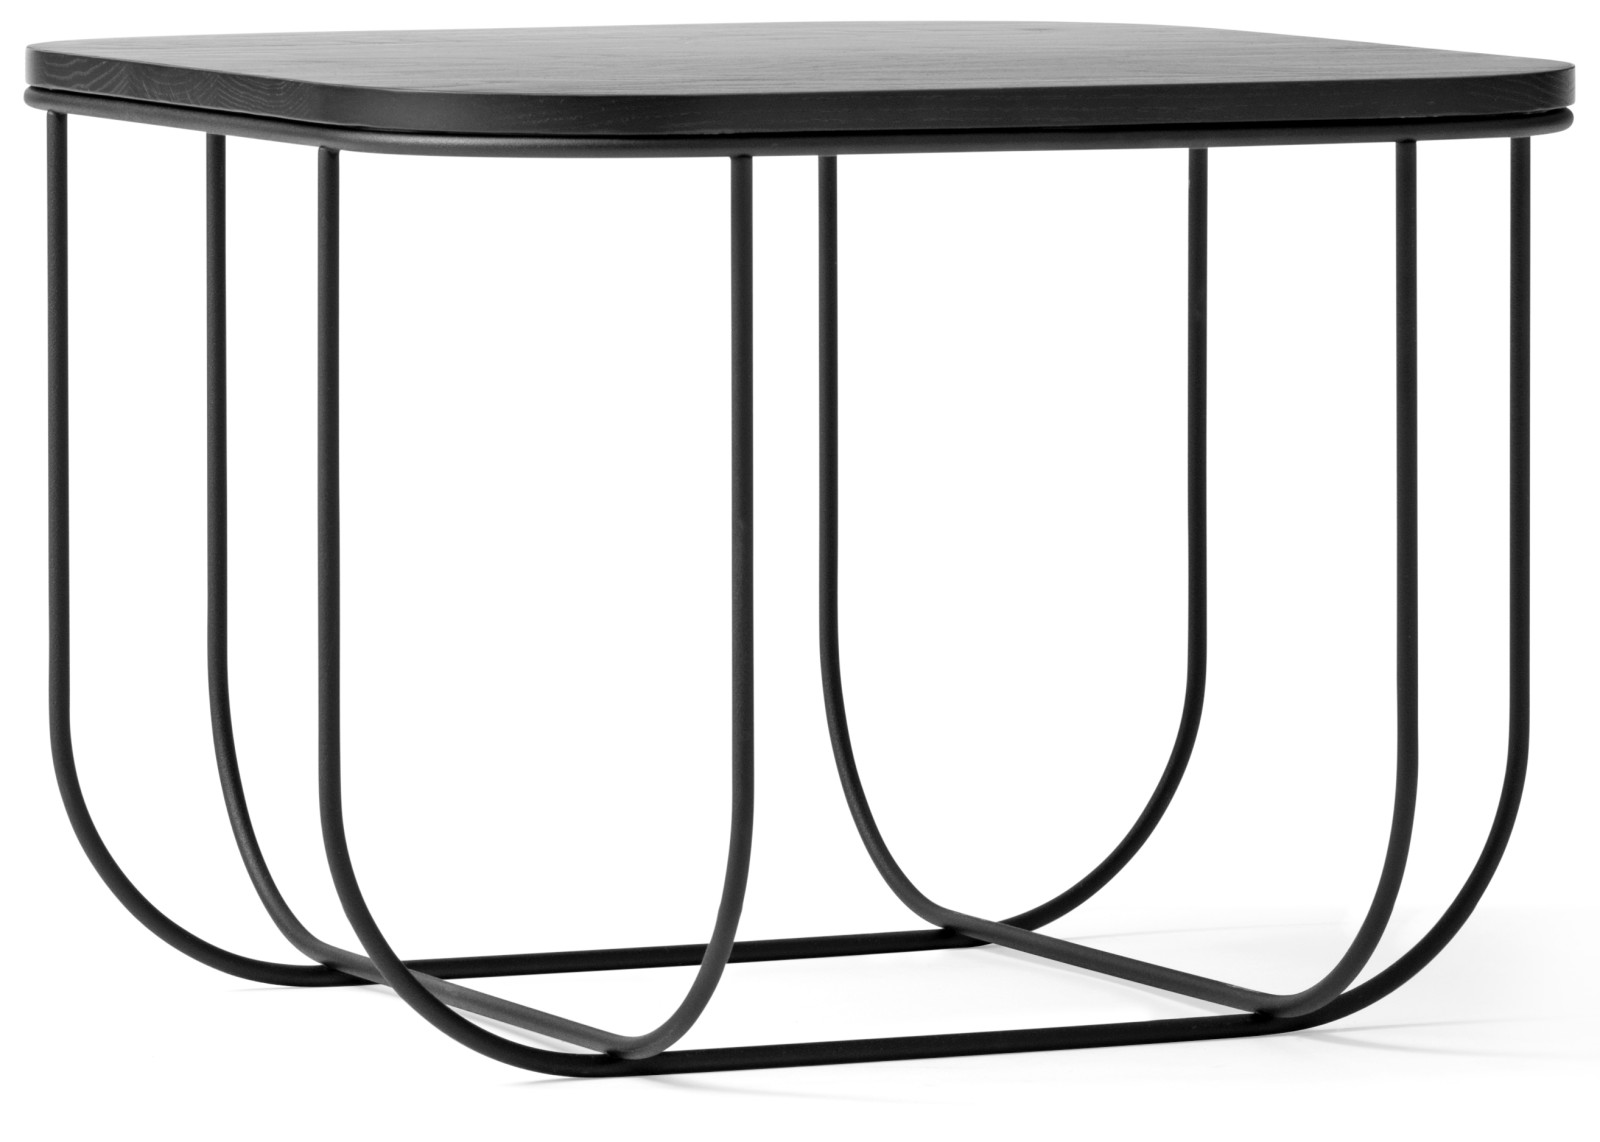 Fuwl Cage Side Table Black/Black Ash